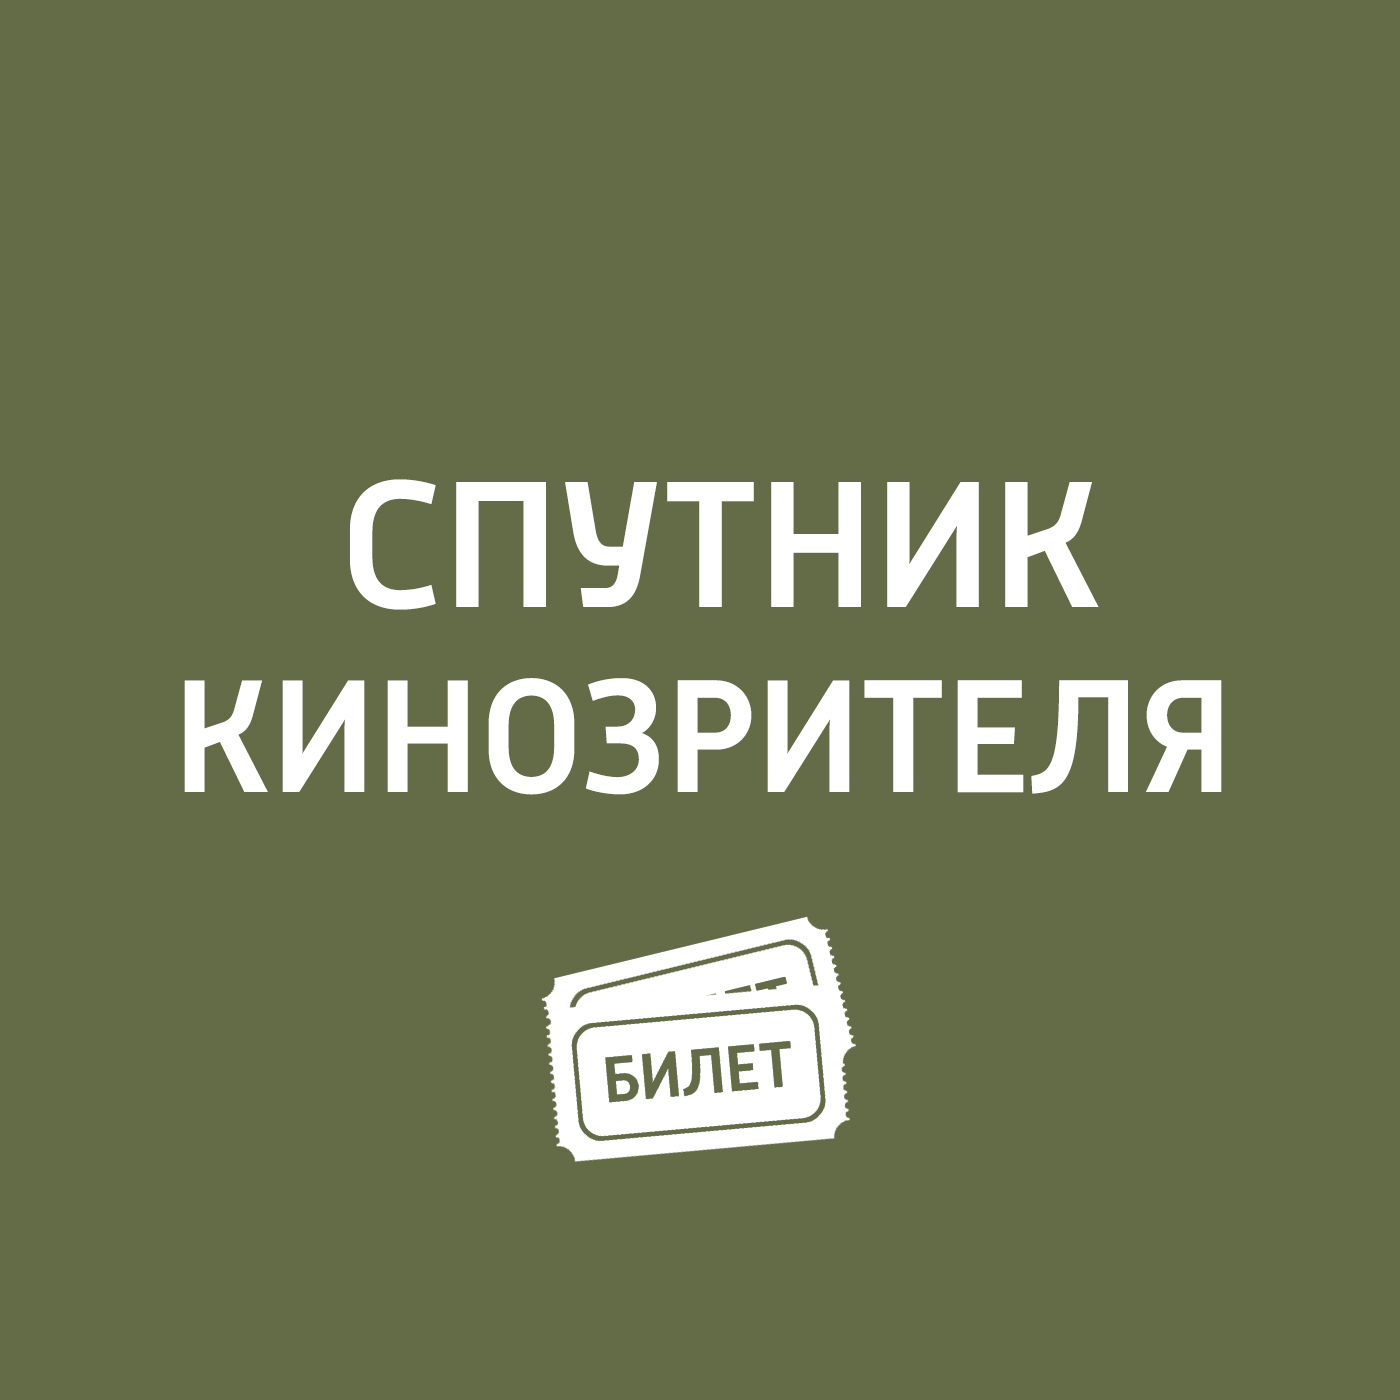 Антон Долин Лучшее. «Жил певчий дрозд